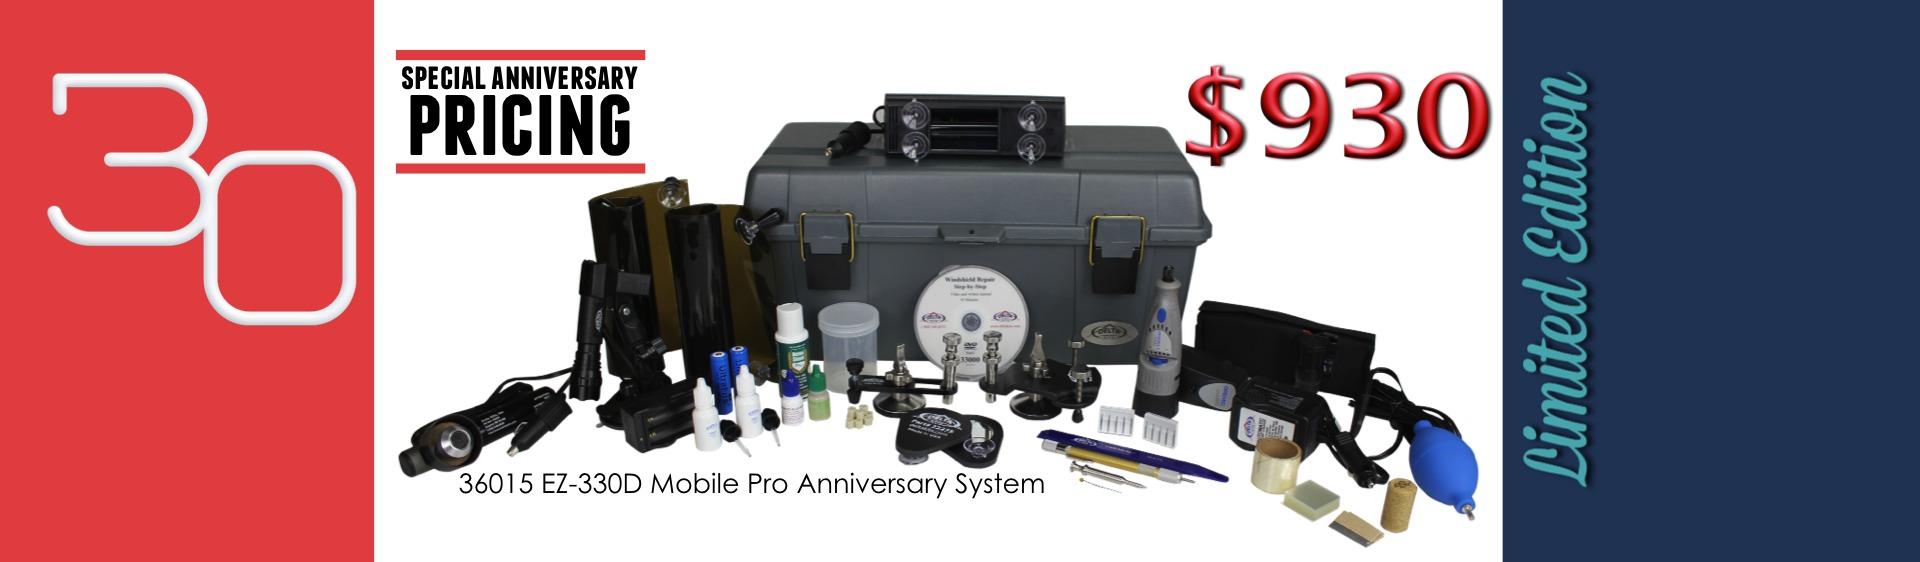 EZ-330D Mobile Pro